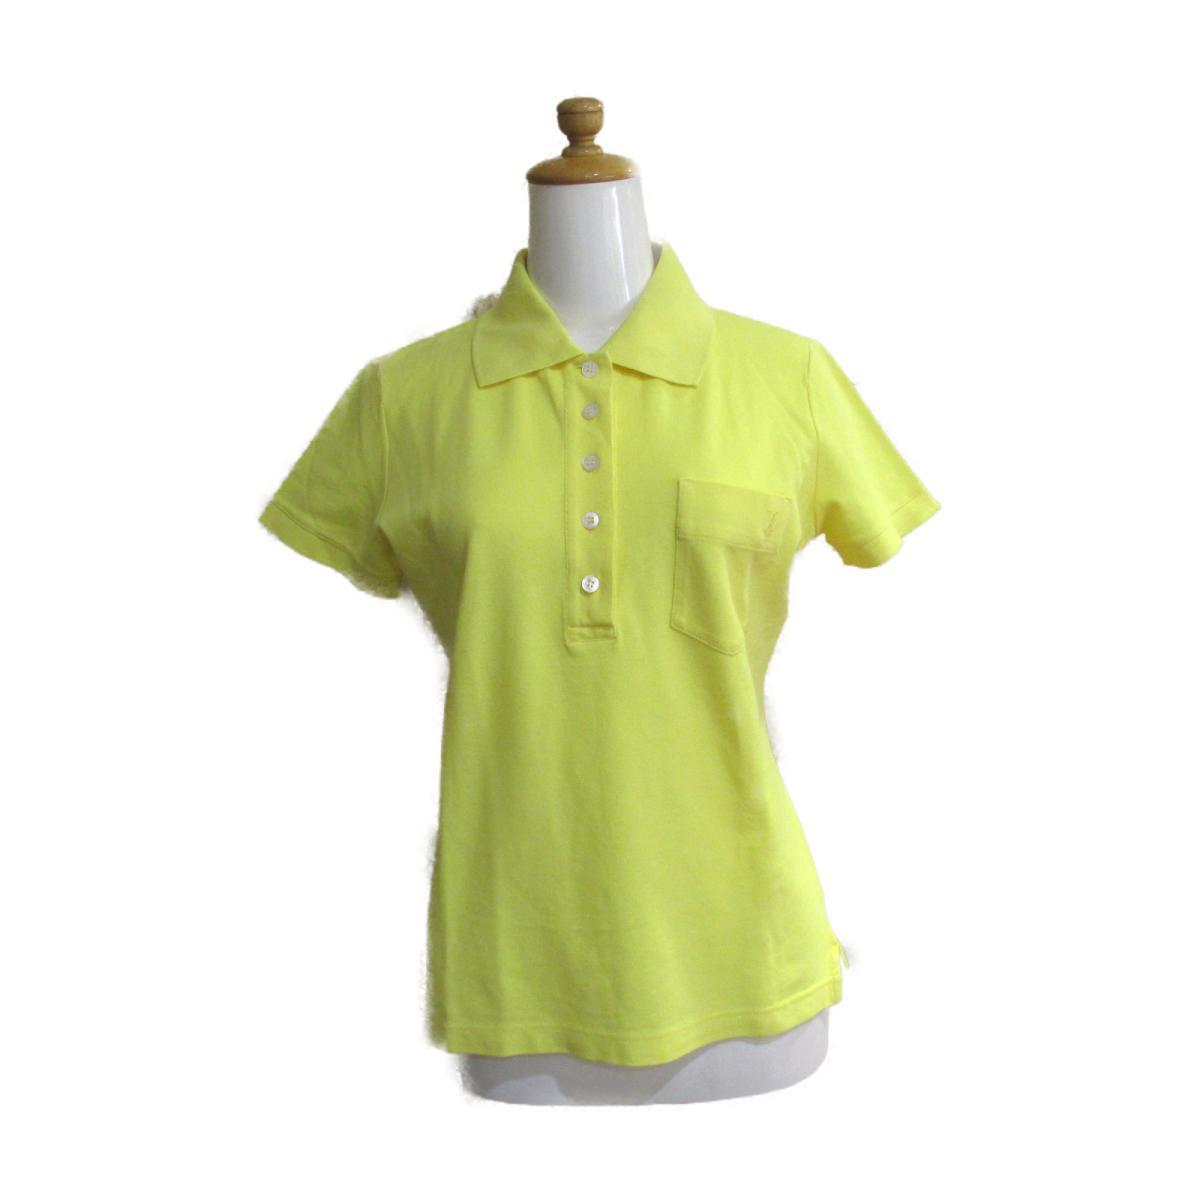 【中古】ルイヴィトン ポロシャツ レディース コットン イエロー | CHANEL BRANDOFF ブランドオフ 衣料品 衣類 ブランド